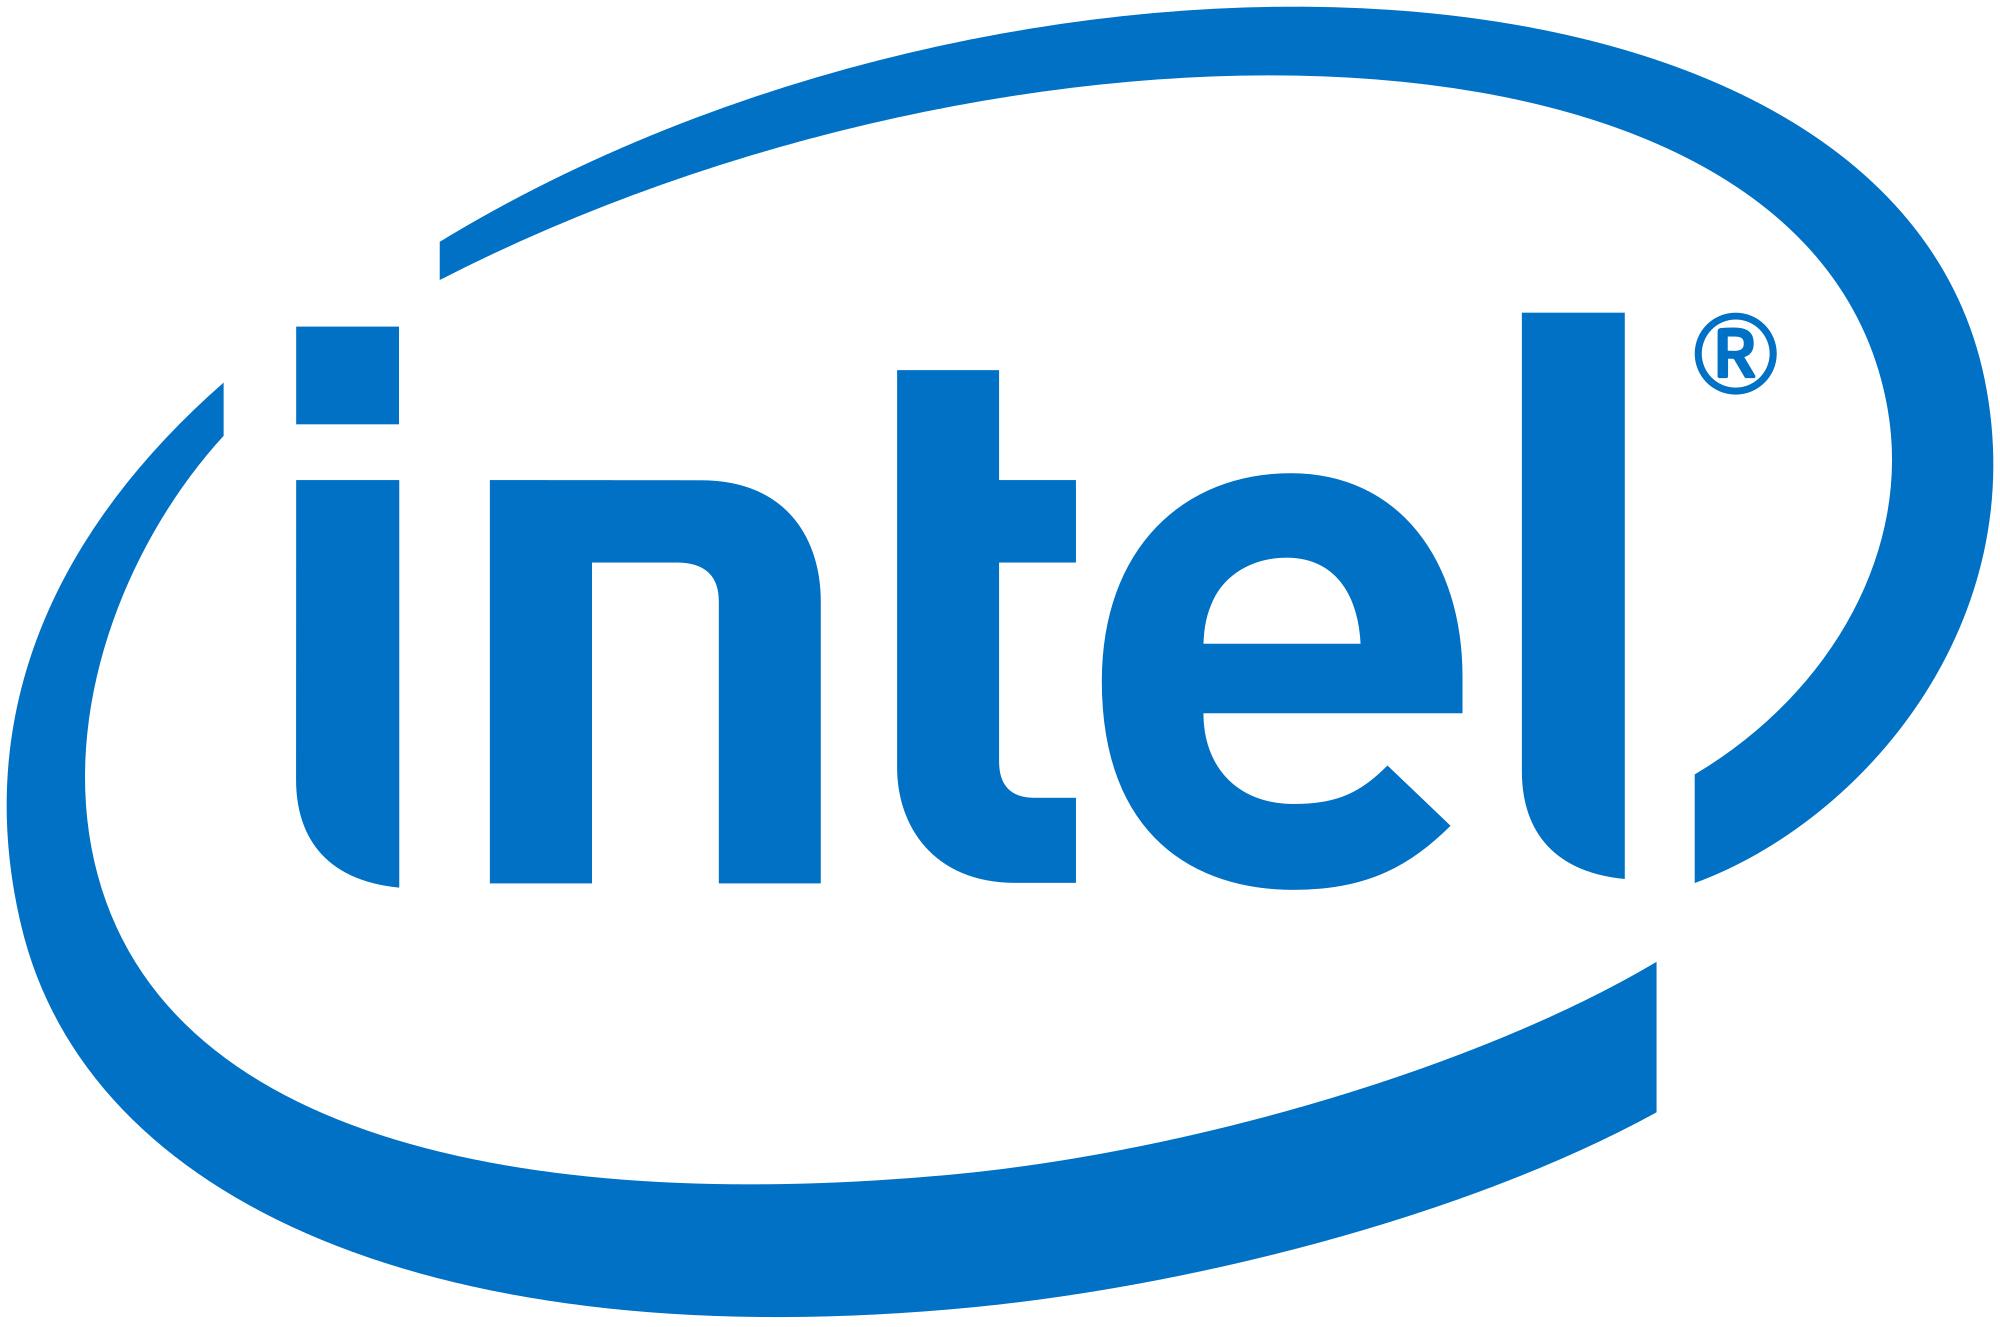 Intel AXXRMM4LITE2 adaptador de gestión remota